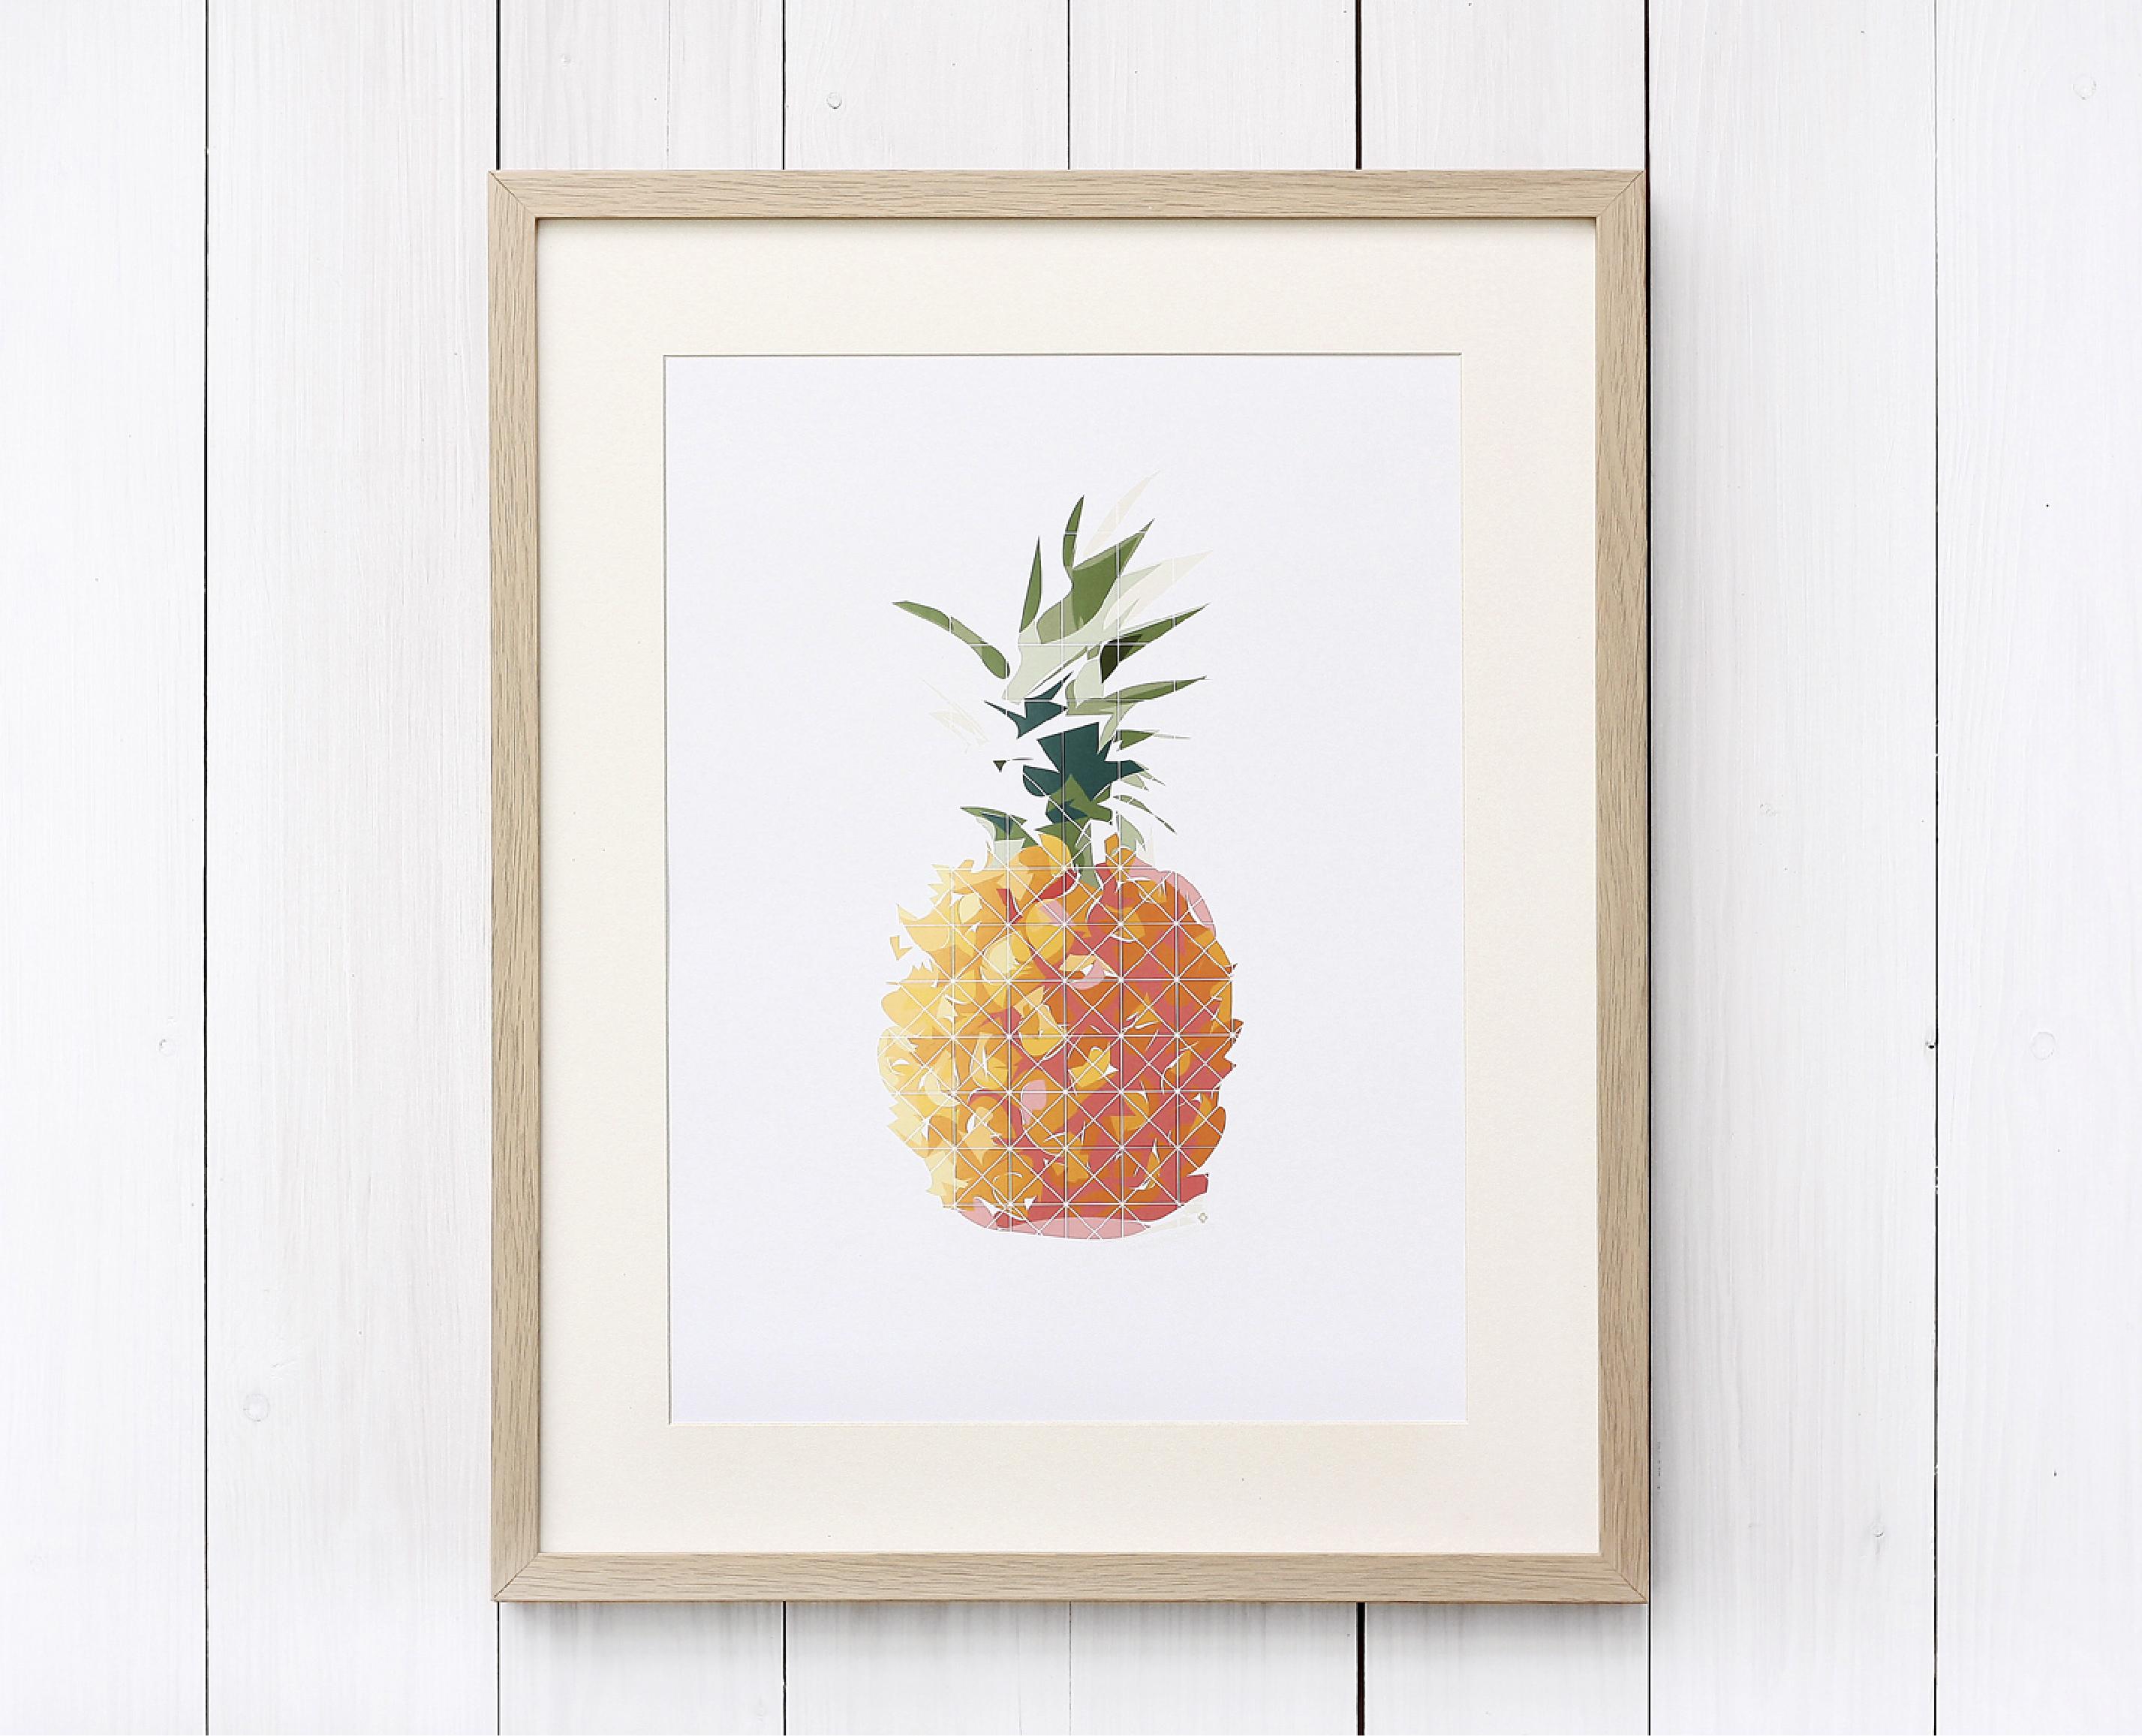 Illustration einer Ananas als Print für hasenfuss – graphisches Kabinett